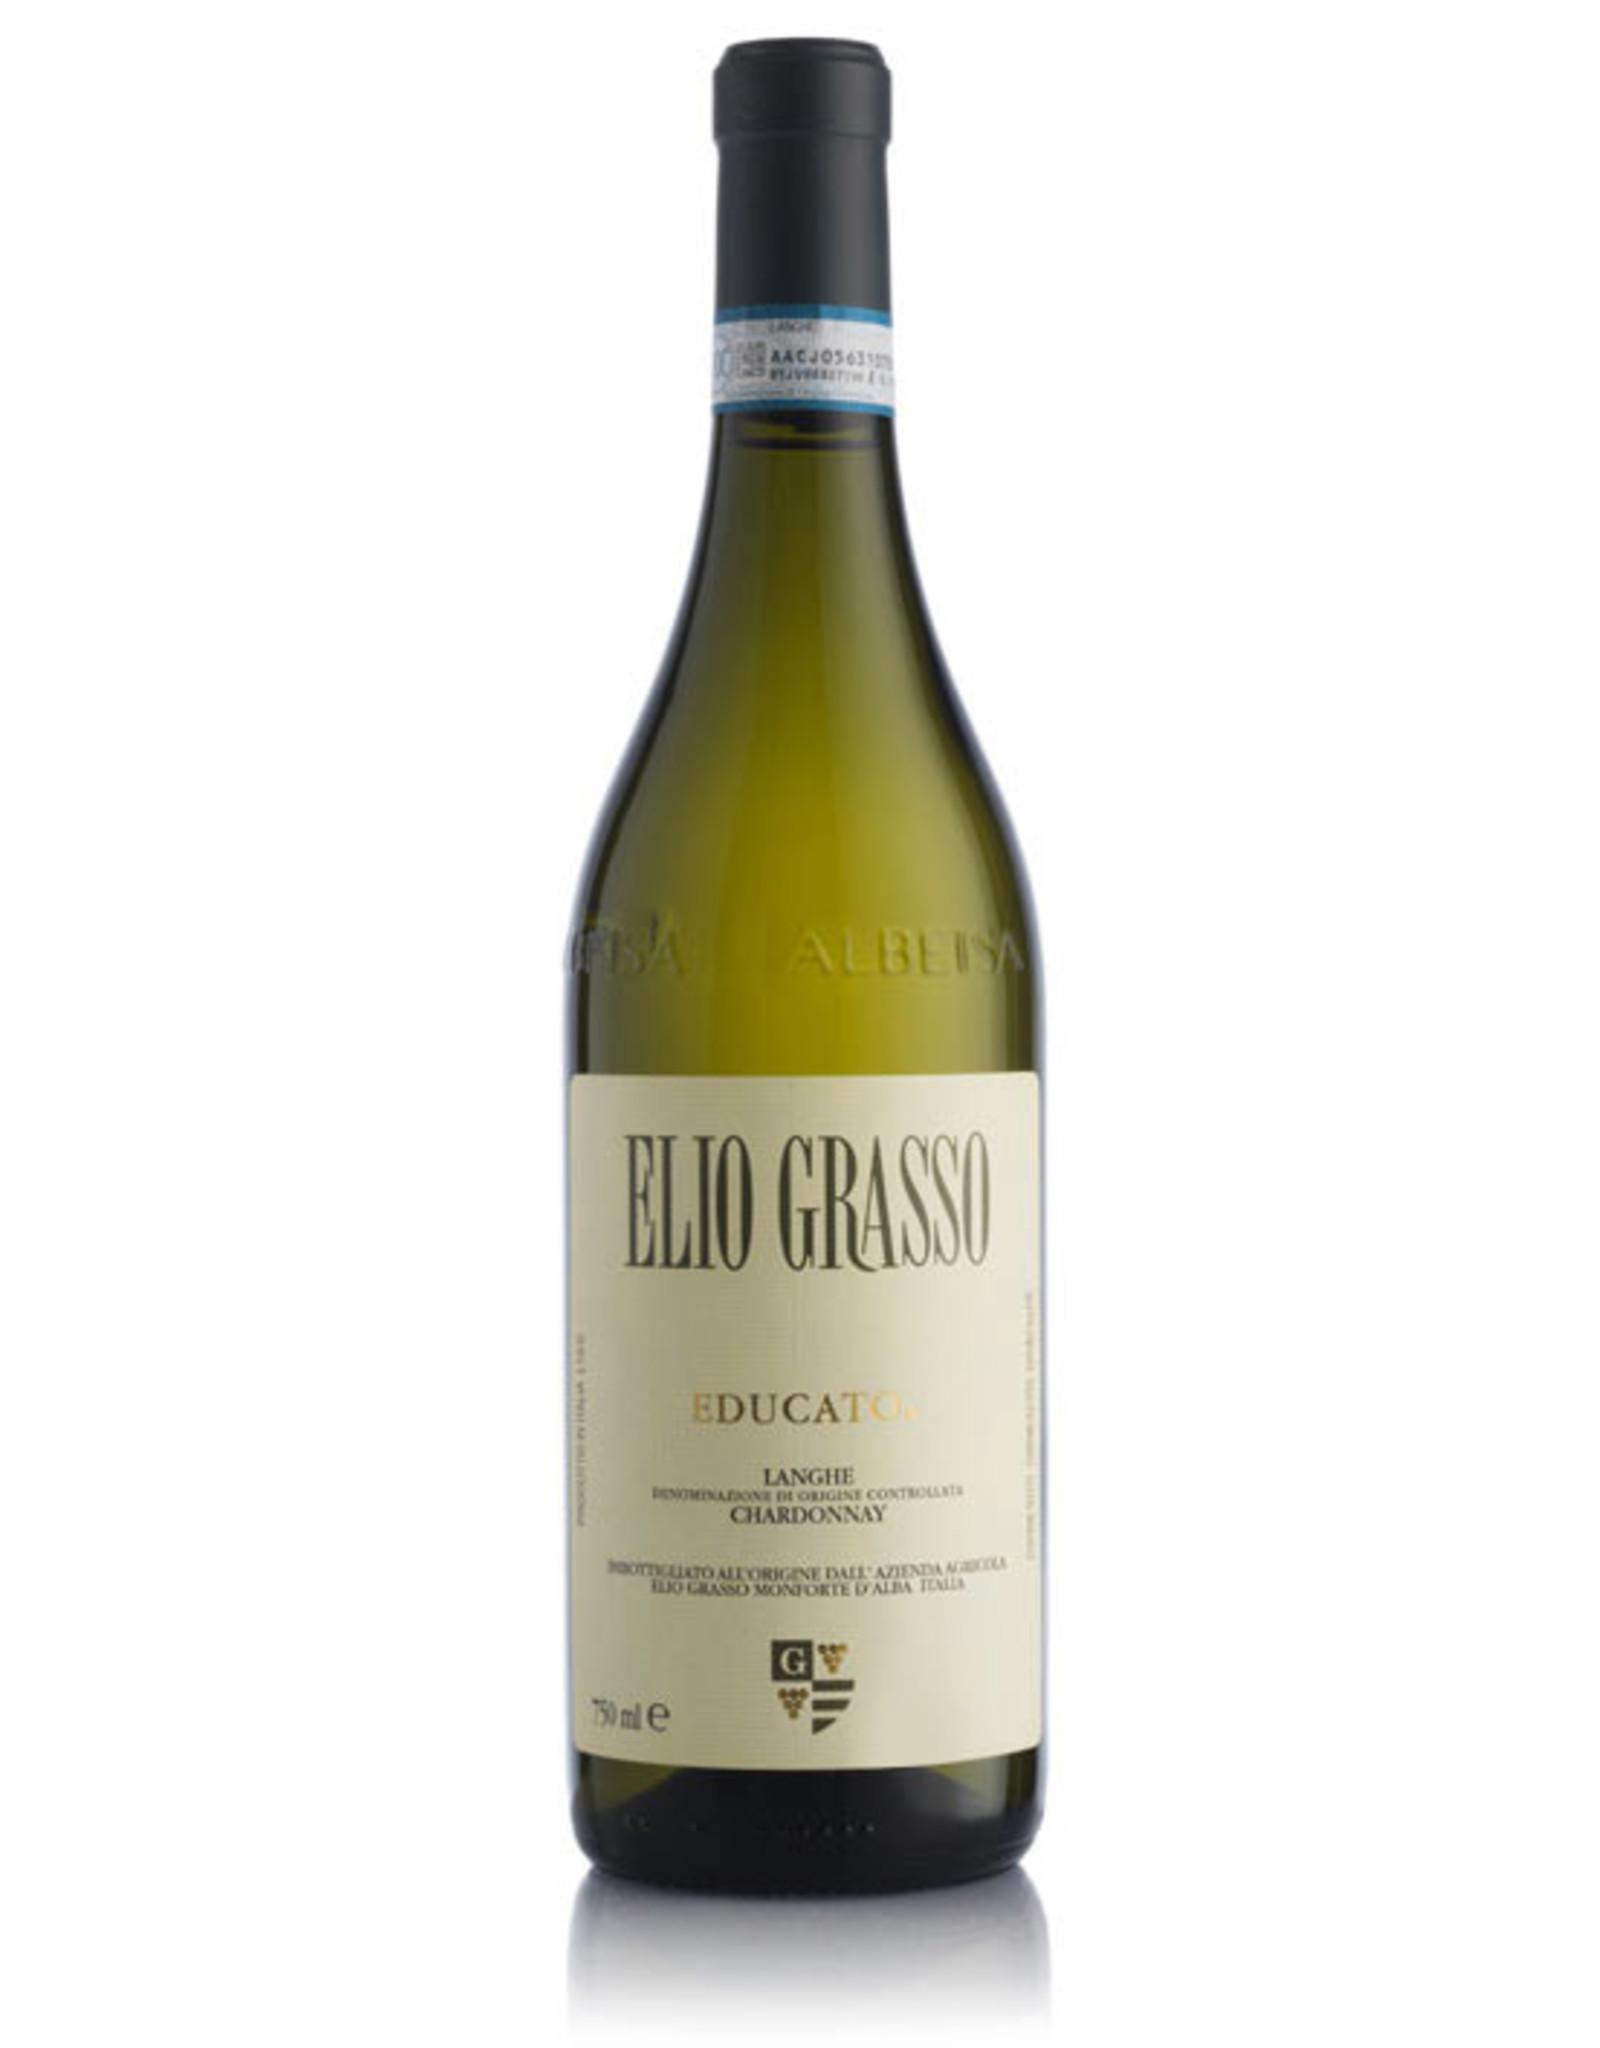 Elio Grasso Educato Chardonnay